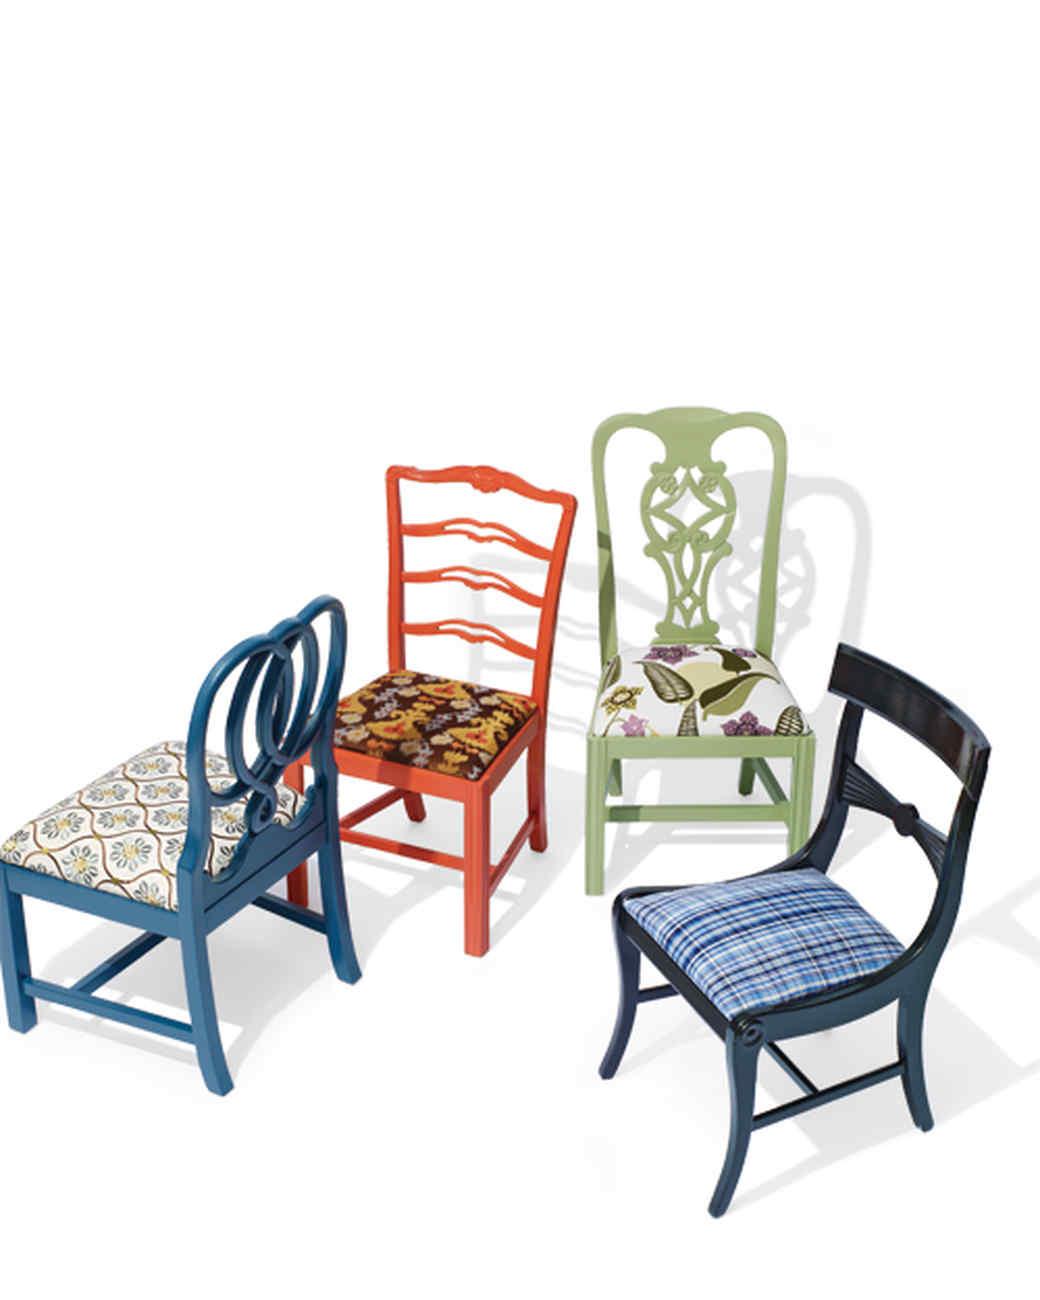 mld105556_0410_chairs_retake12.jpg